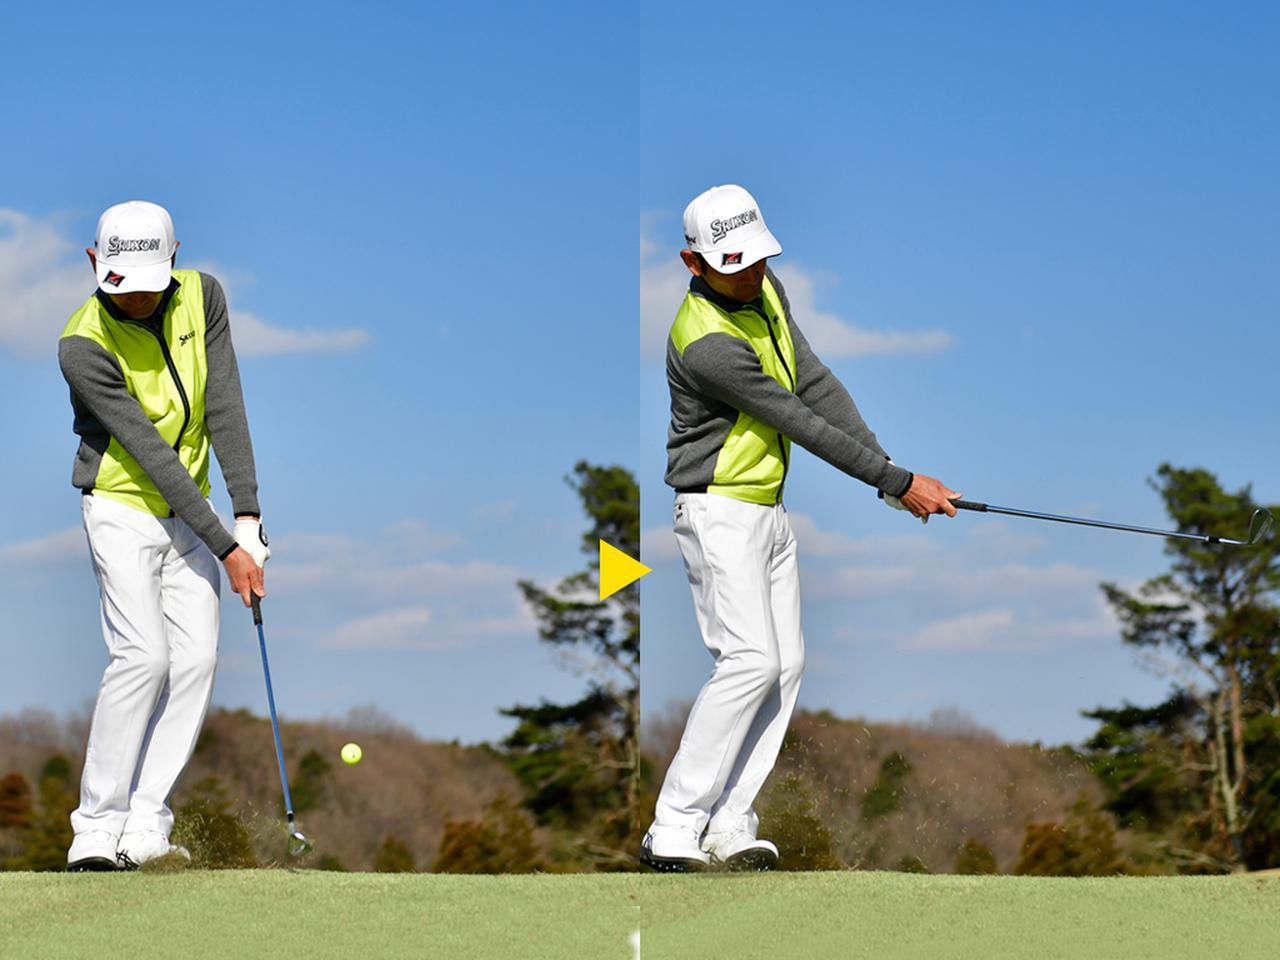 画像2: 【春ゴルフのアプローチ】芝が薄いこの時期は、フェースを返すのが正解です。誰でもできる100切りレッスン